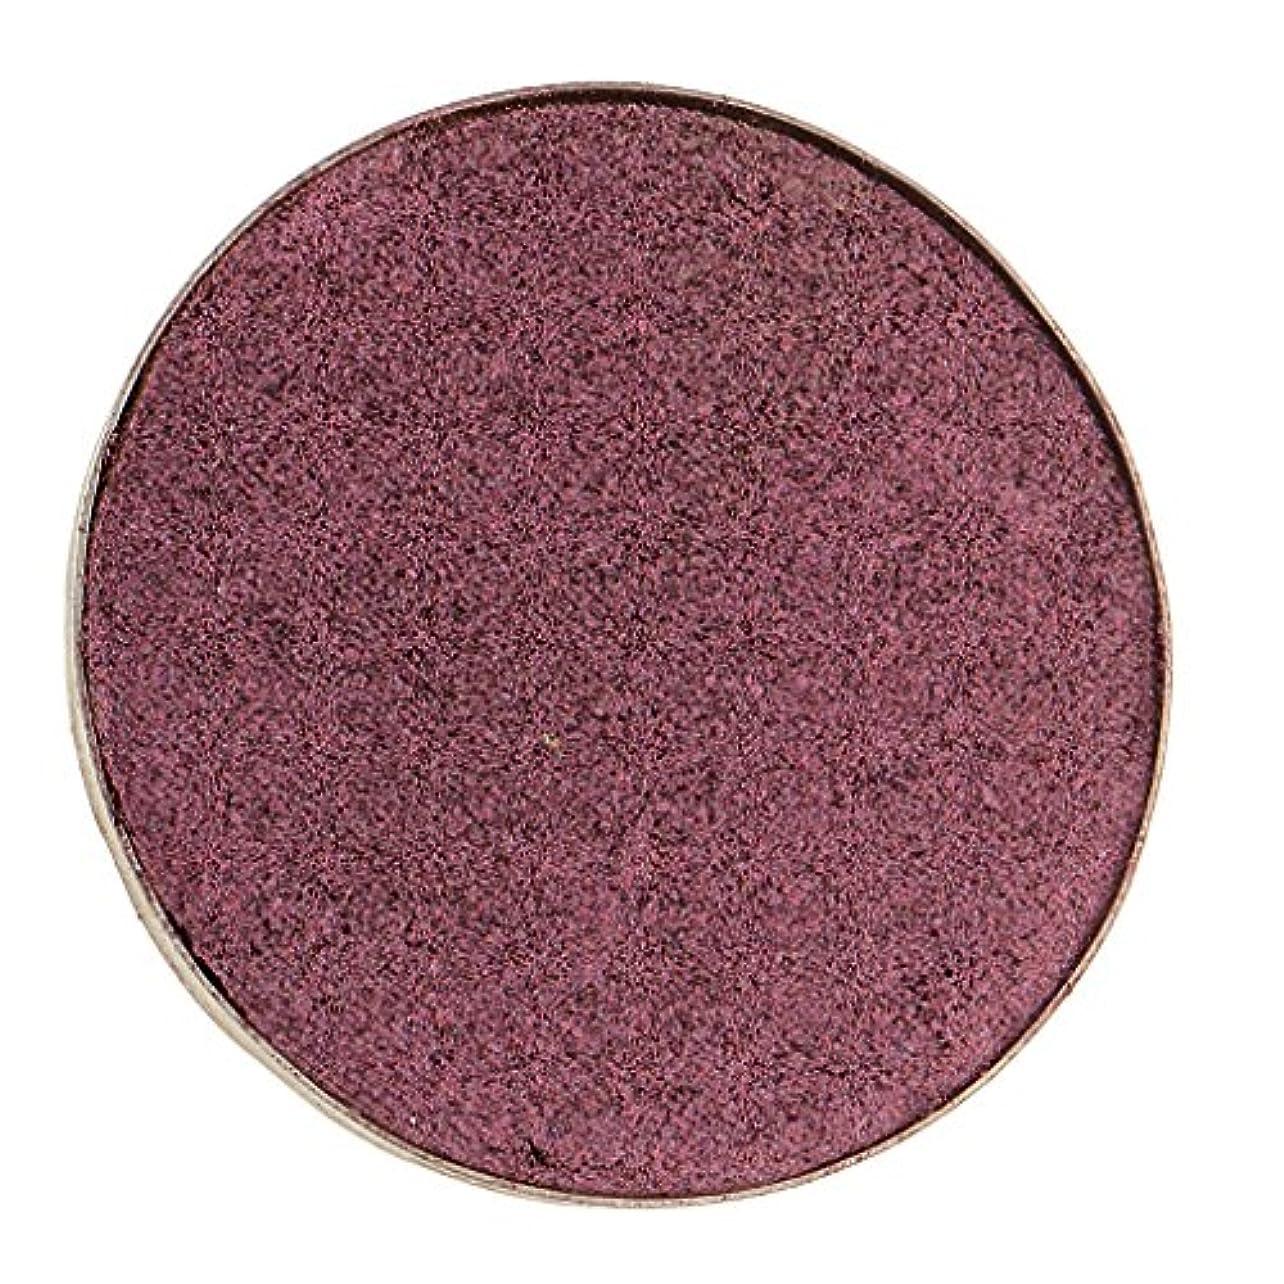 スカープシチリア借りているBaosity 化粧品用 アイシャドウ ハイライター パレット マット シマー アイシャドーメイク 目 魅力的 全5色 - #60ローズレッド